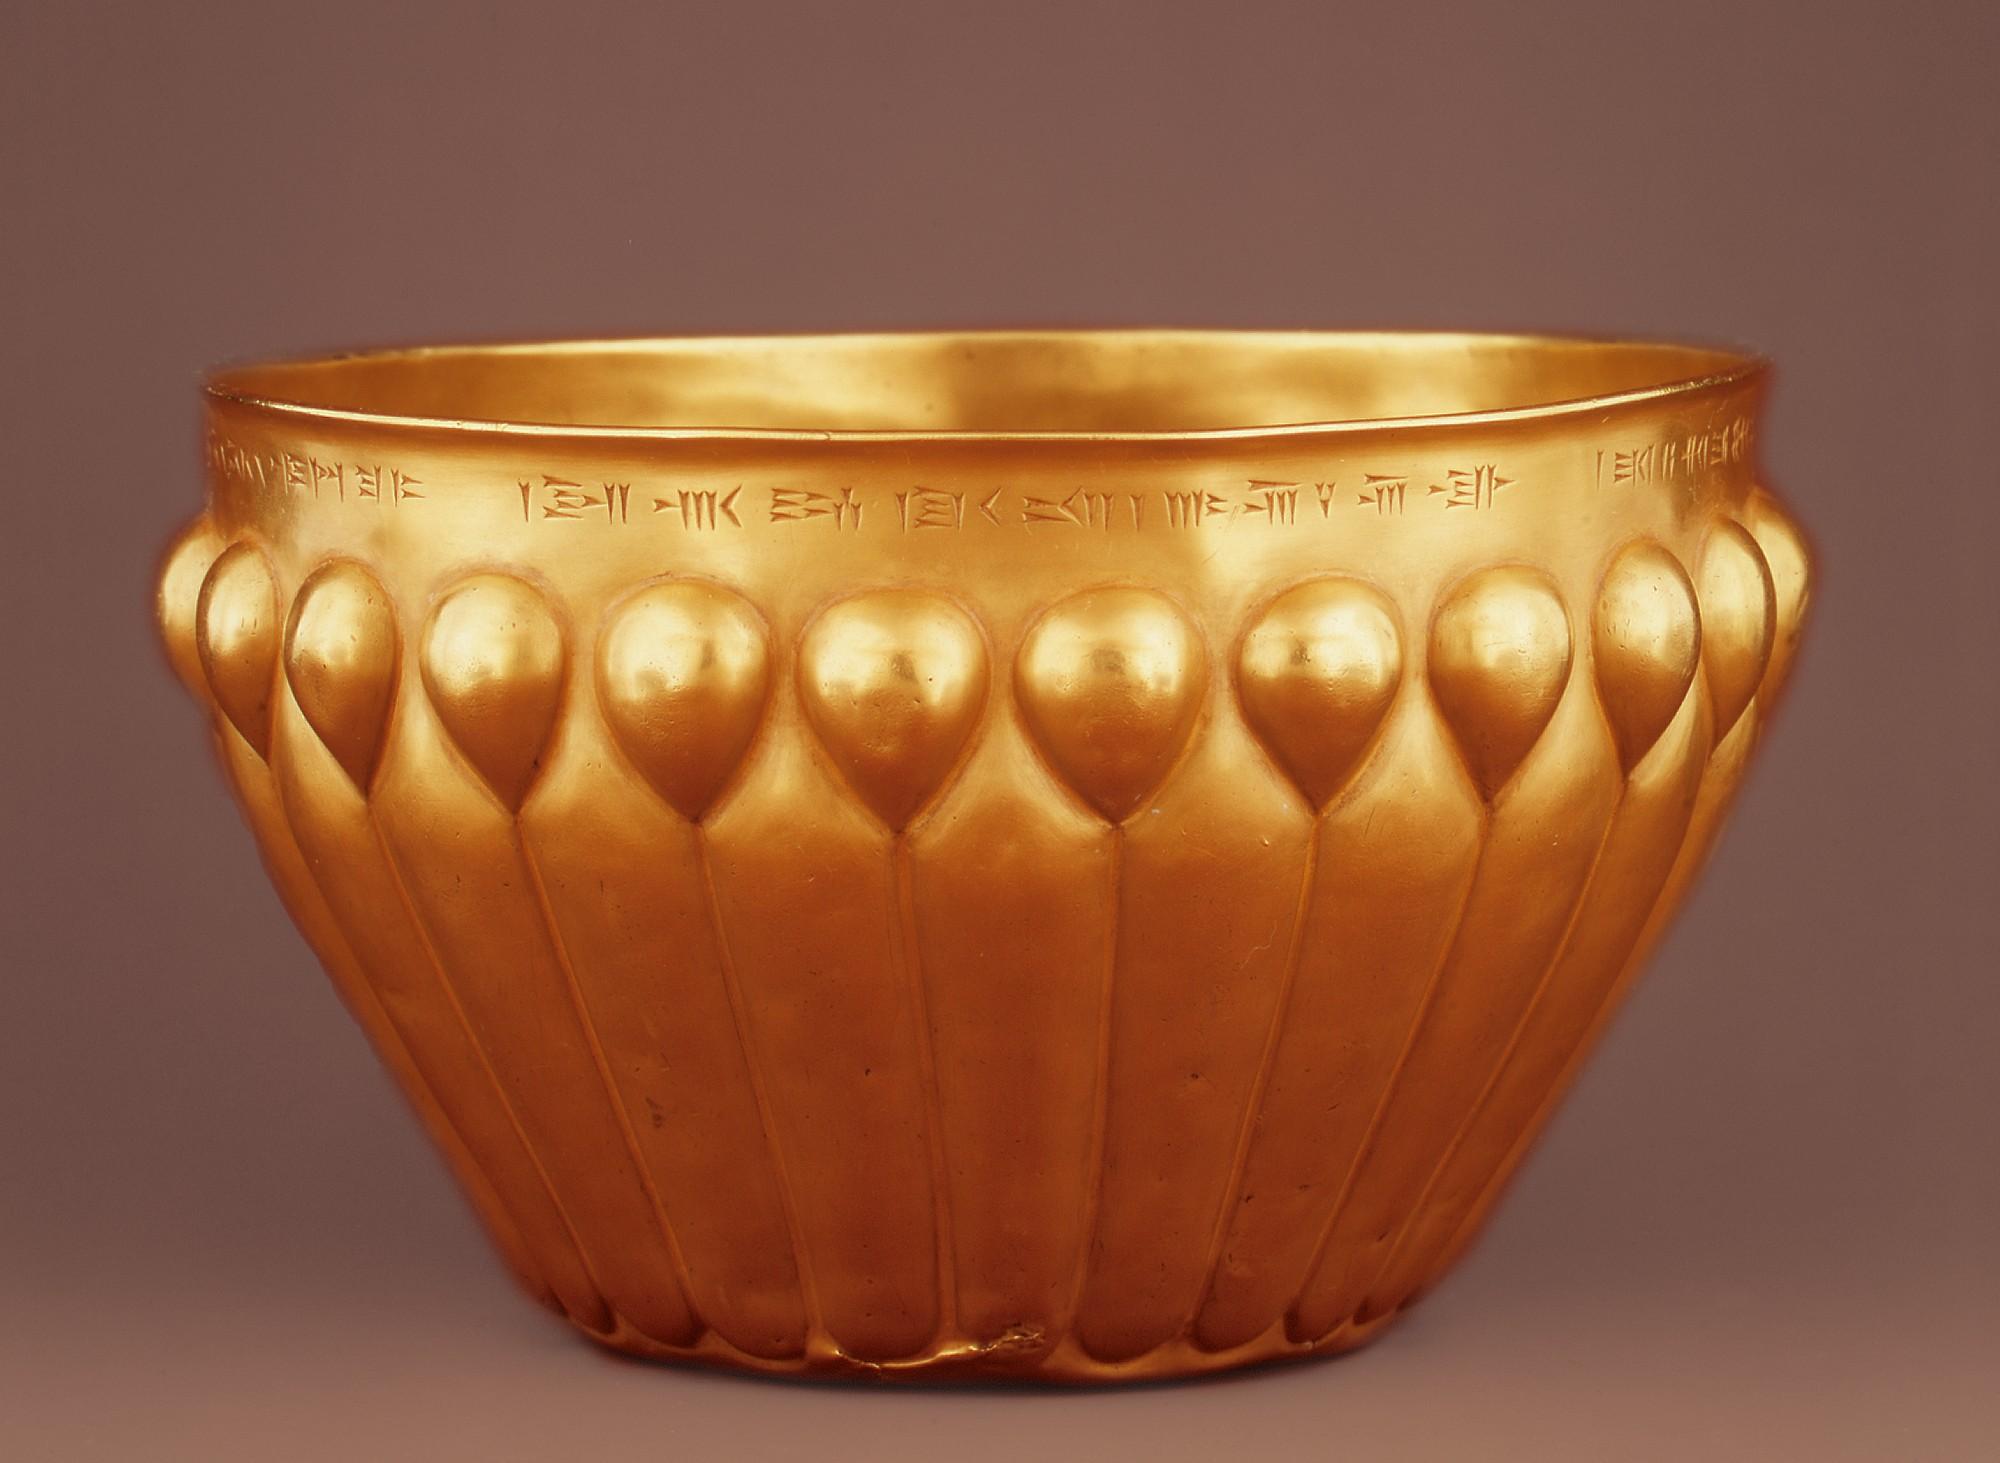 上图:波斯阿契美尼德王朝的金碗。